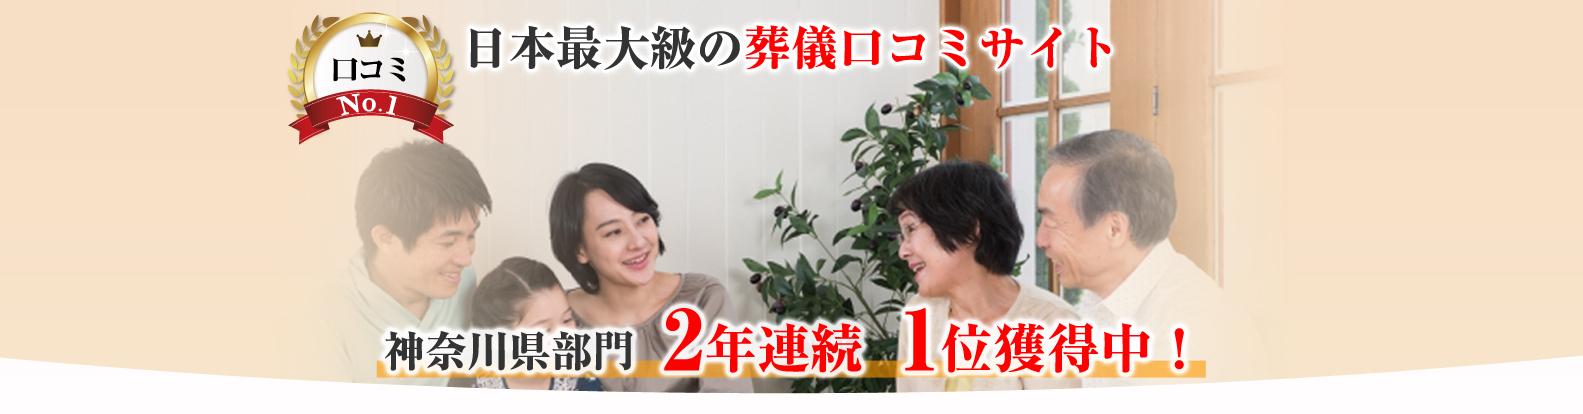 日本最大級の口コミサイト